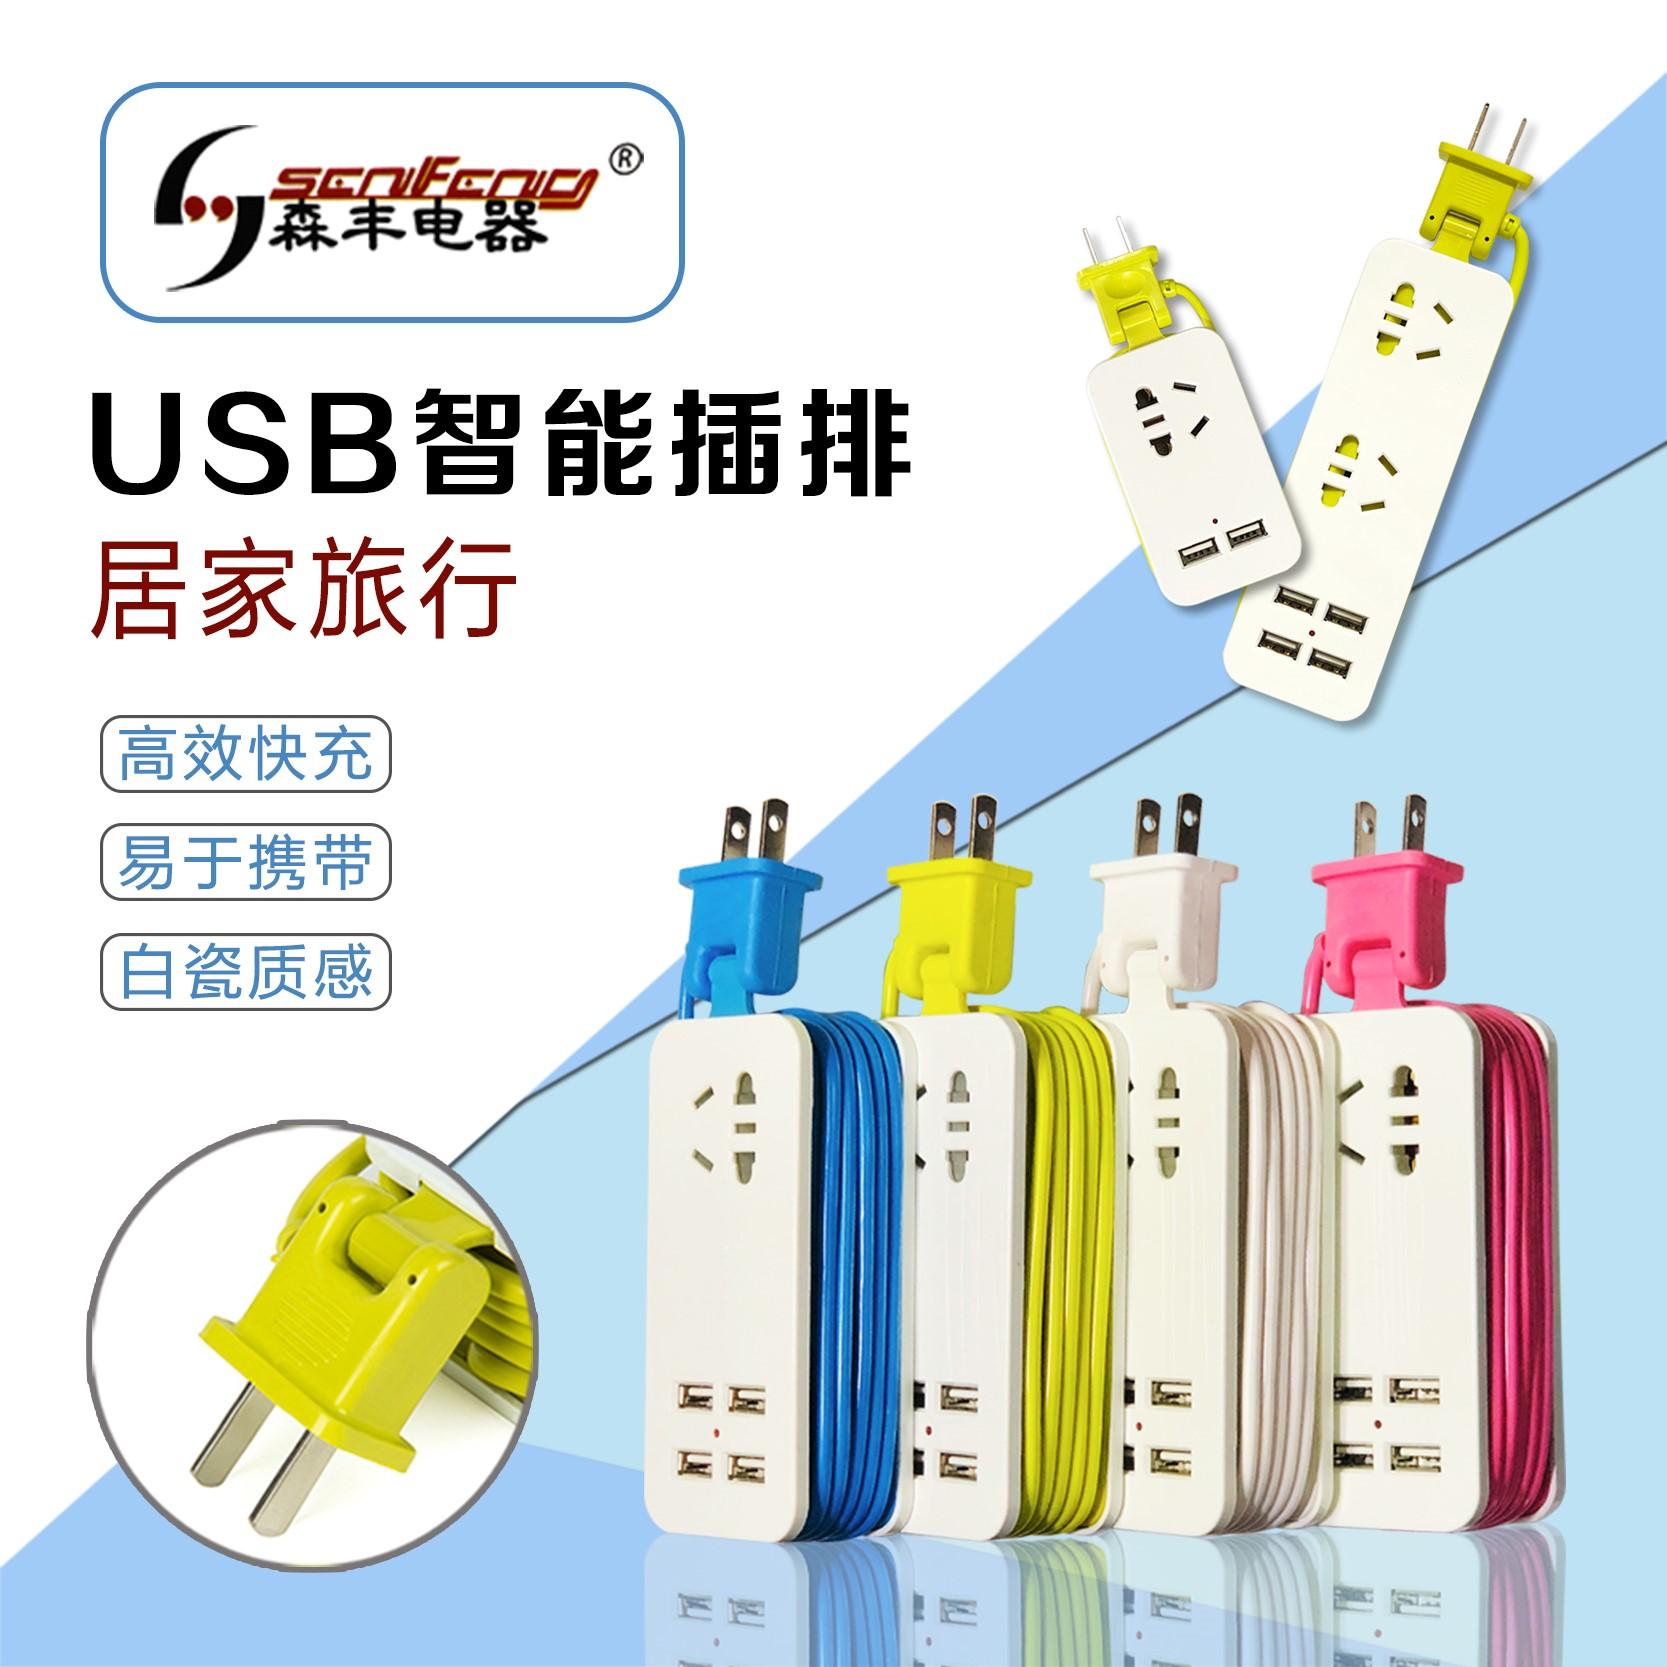 旅行用携帯両脚のプラグは多口のUSB携帯電話を持って充電して線を収めることができます。